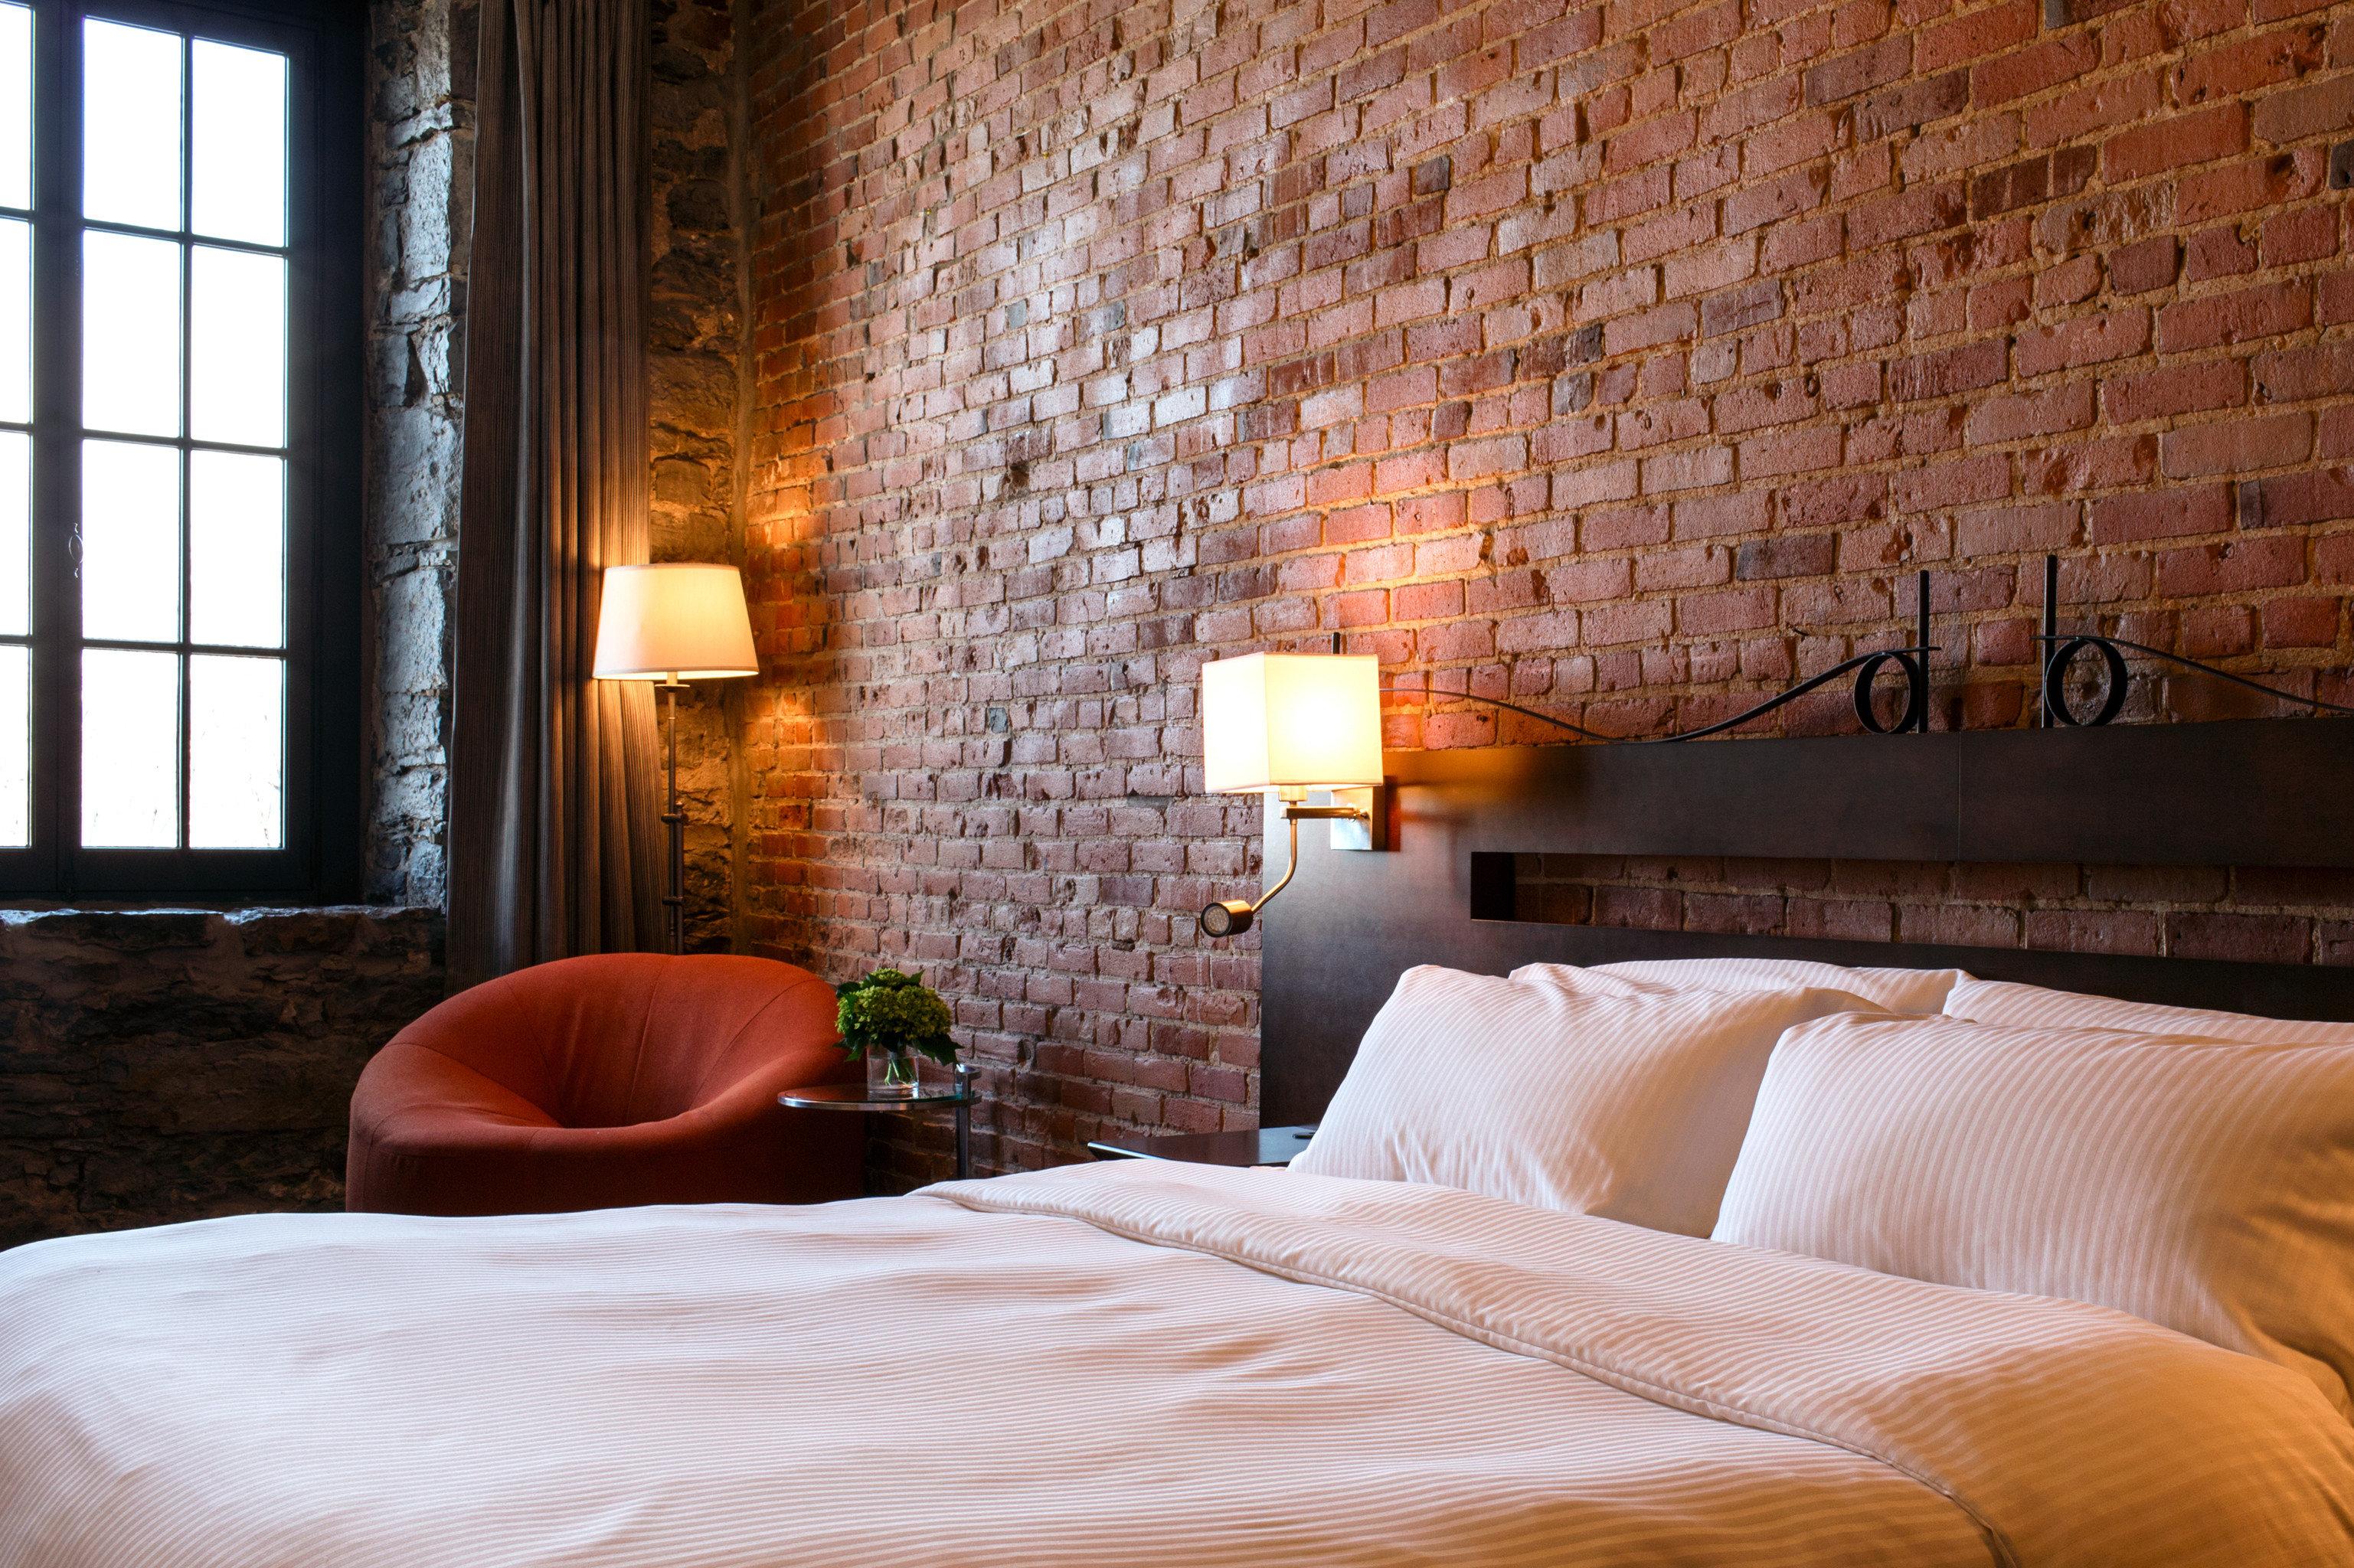 Bedroom Hip Historic Luxury Suite Trip Ideas property cottage hardwood home living room farmhouse wood flooring orange